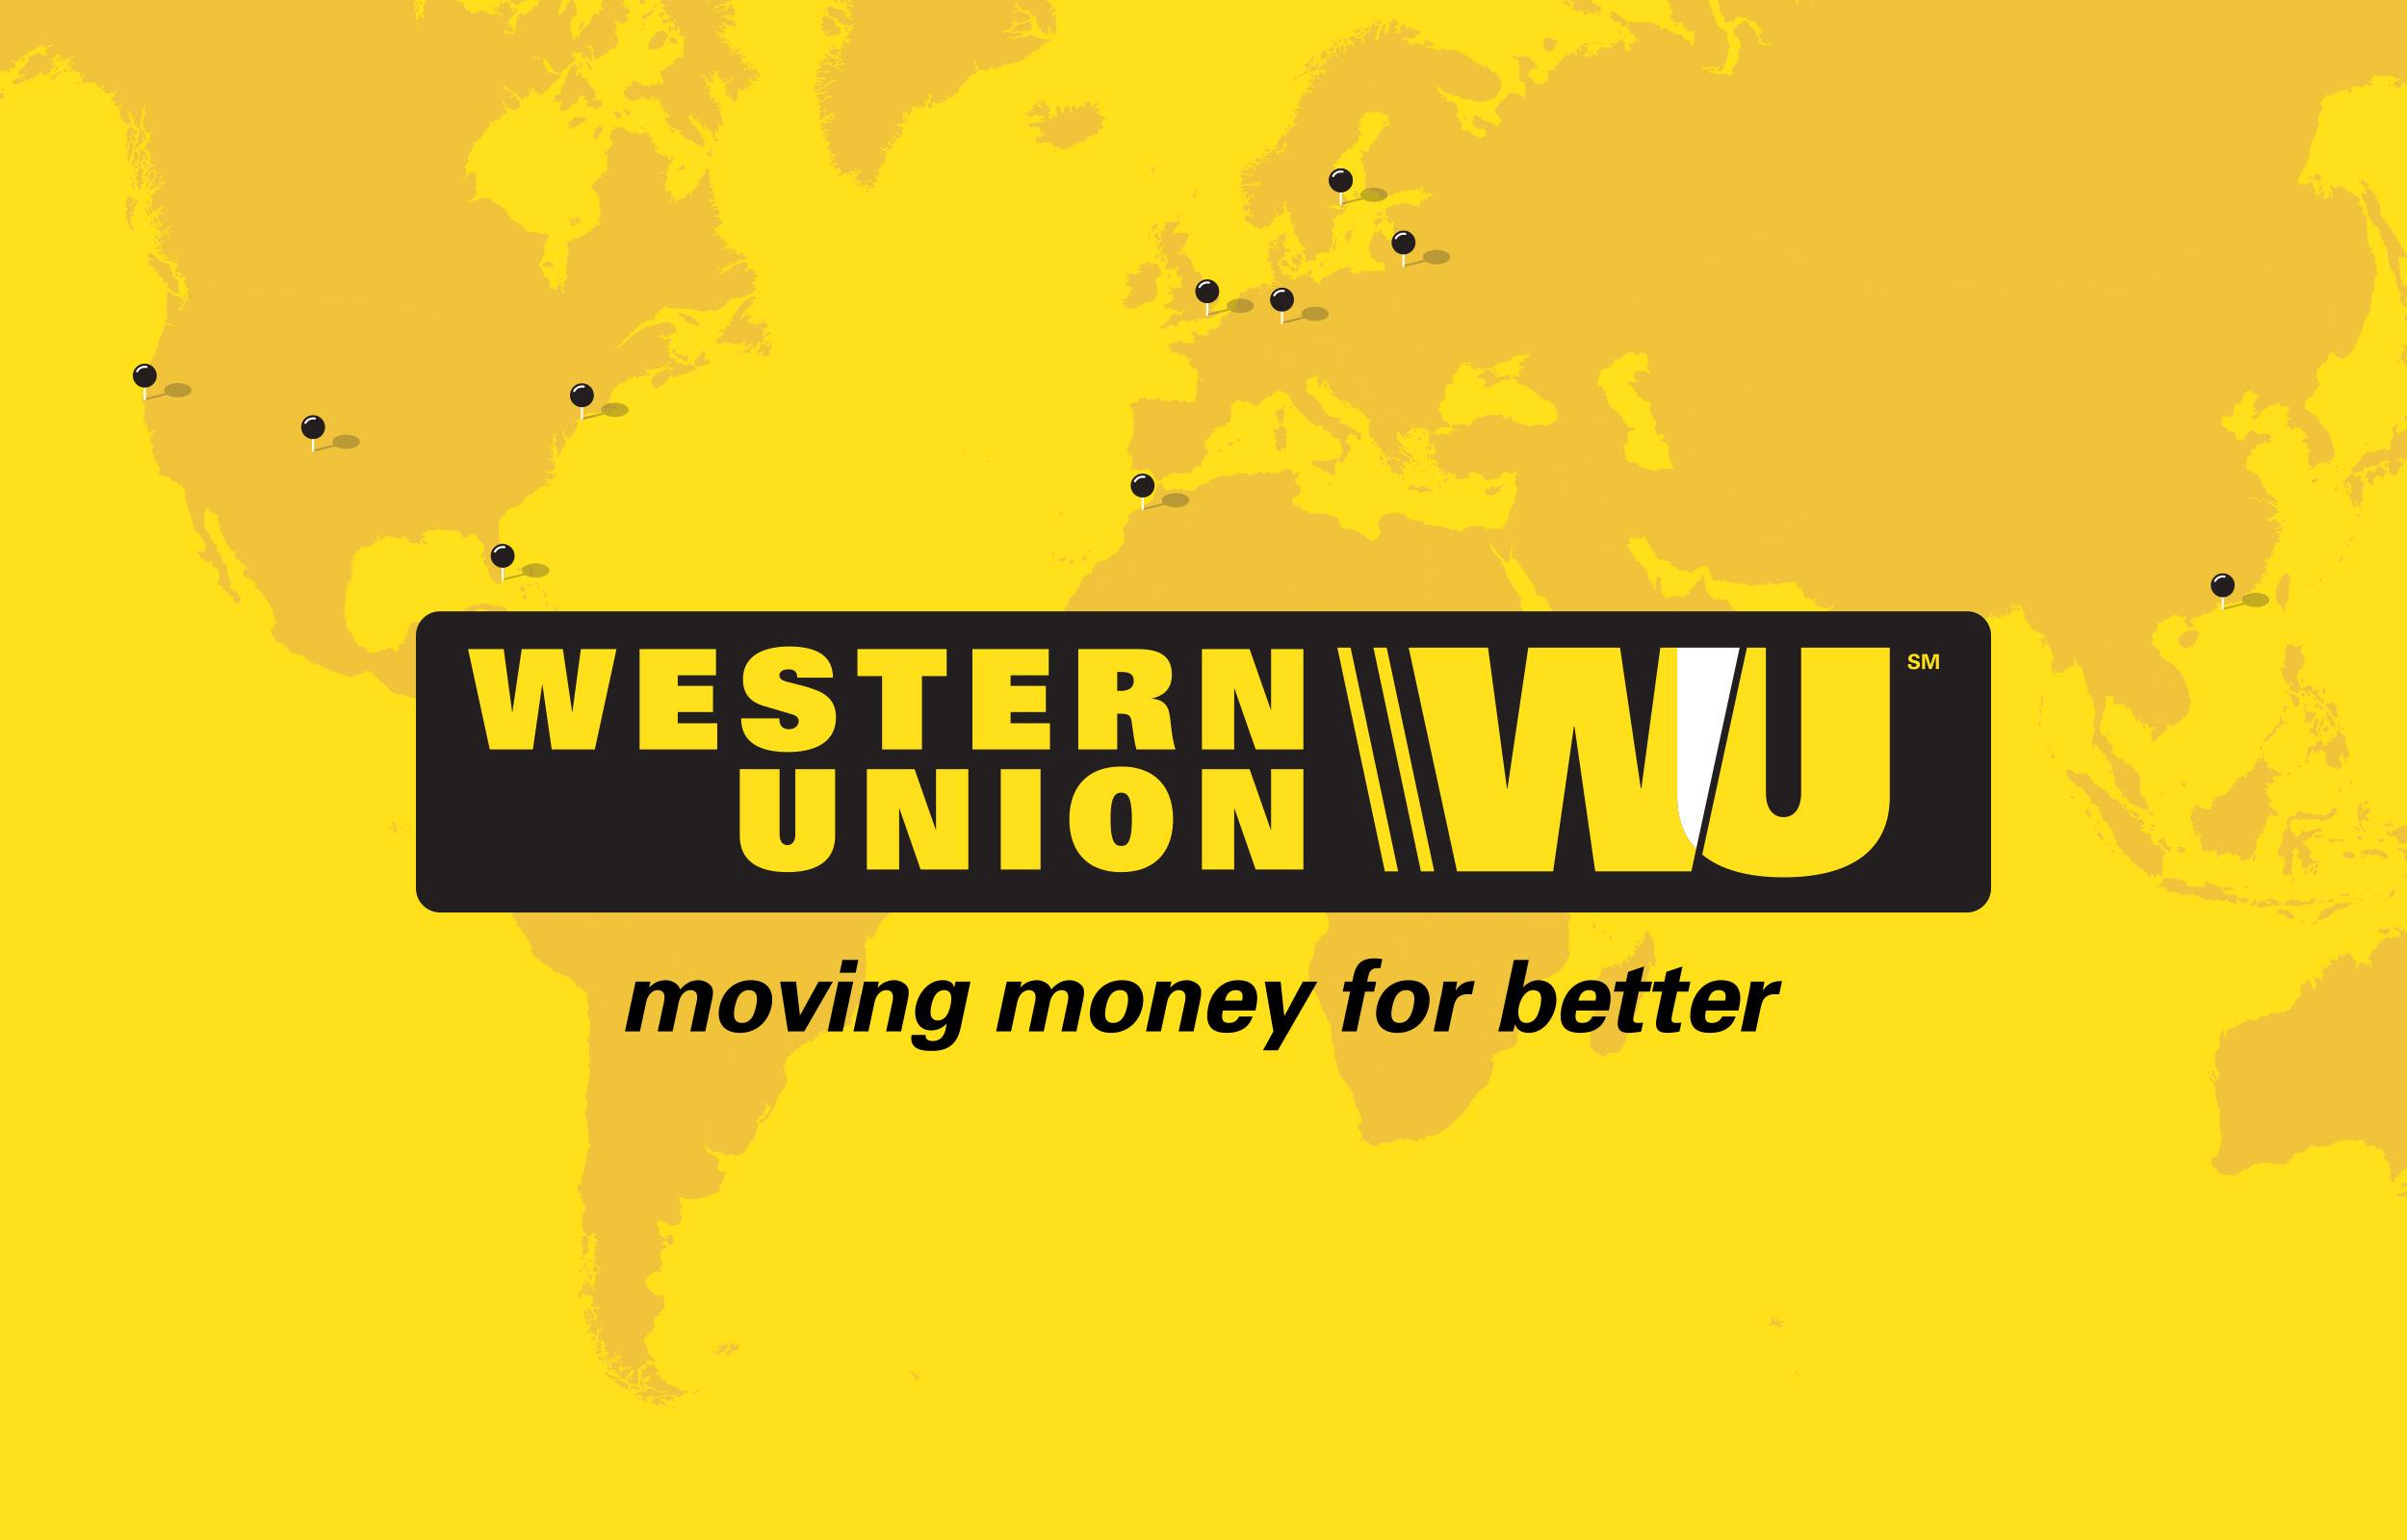 Wwstern Union